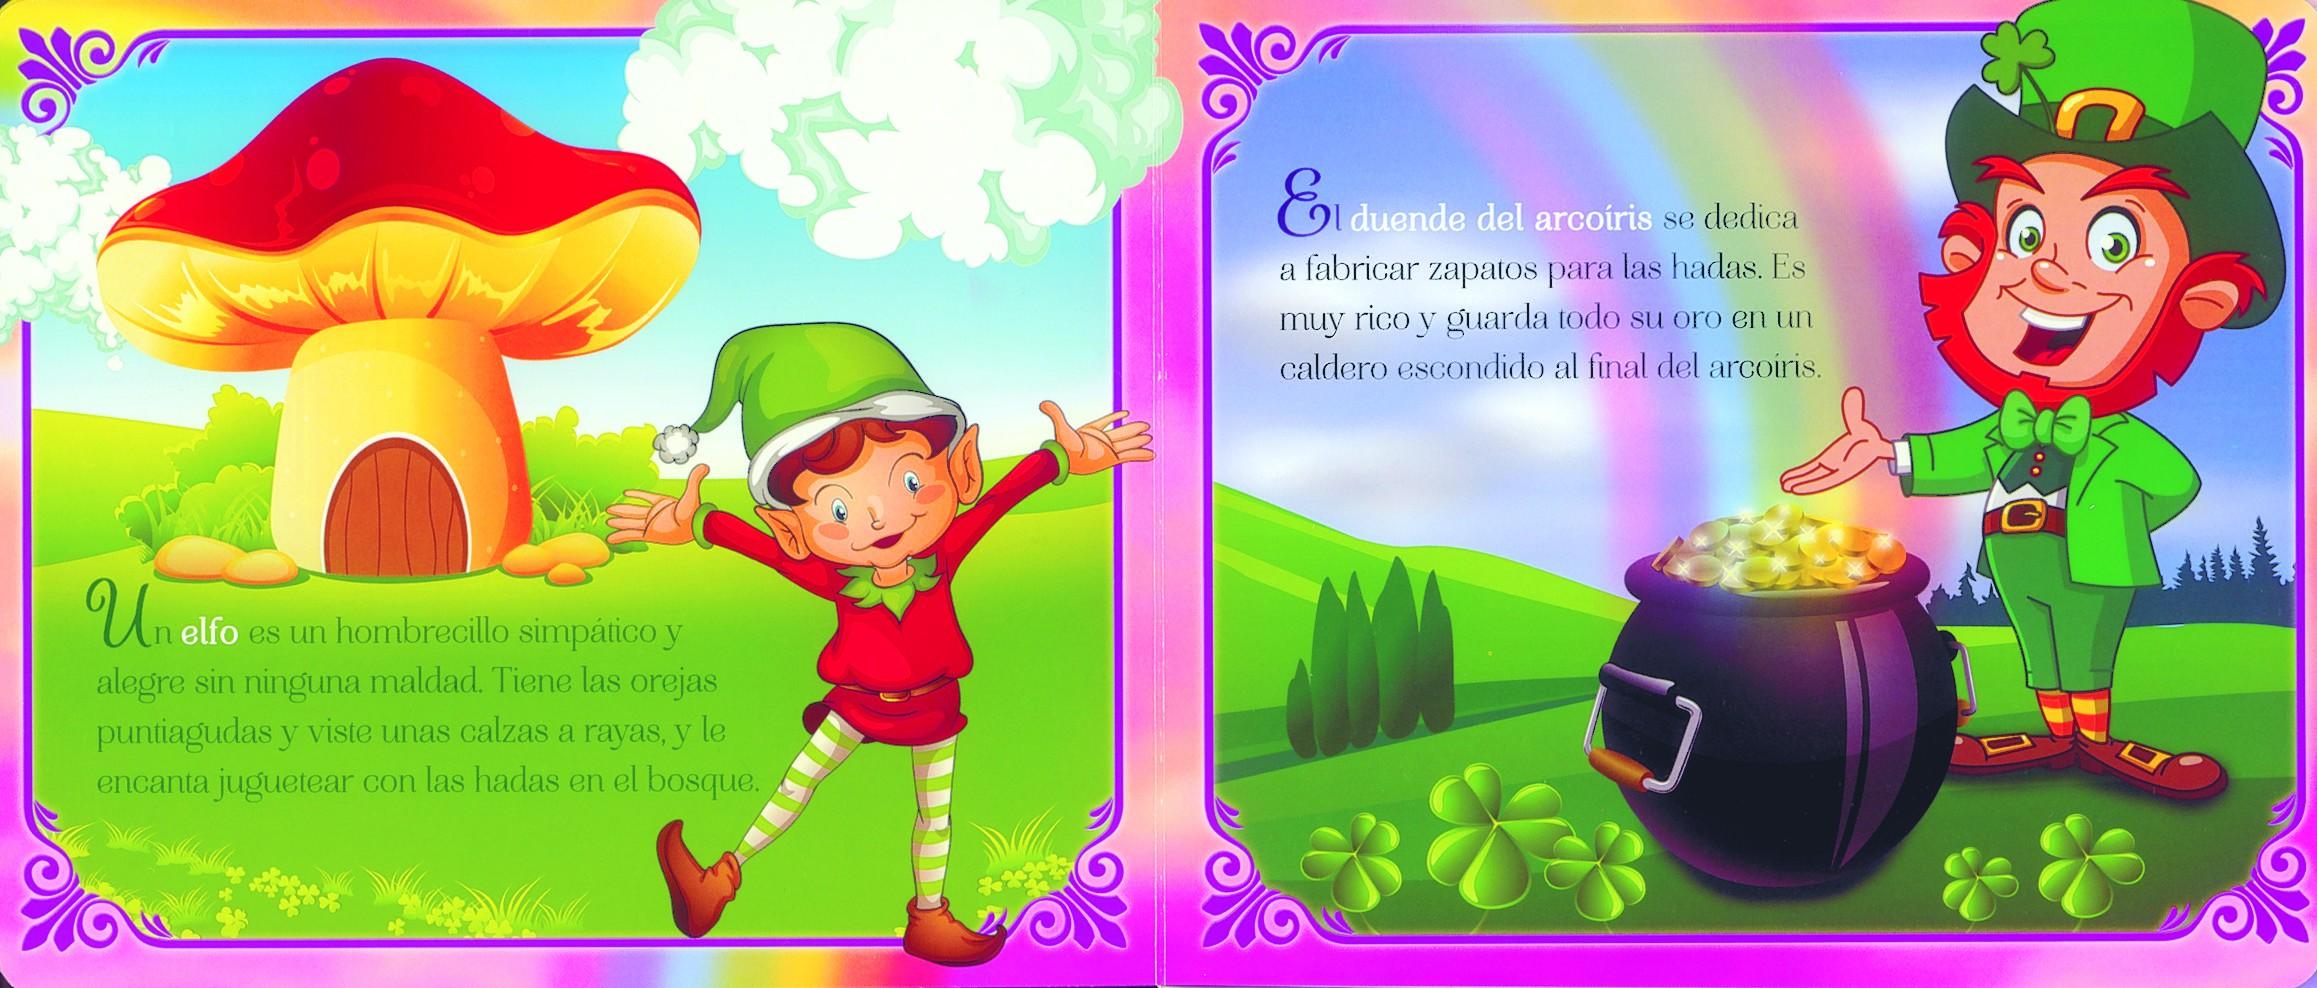 El país de Fantasía | Editorial Susaeta - Venta de libros infantiles ...